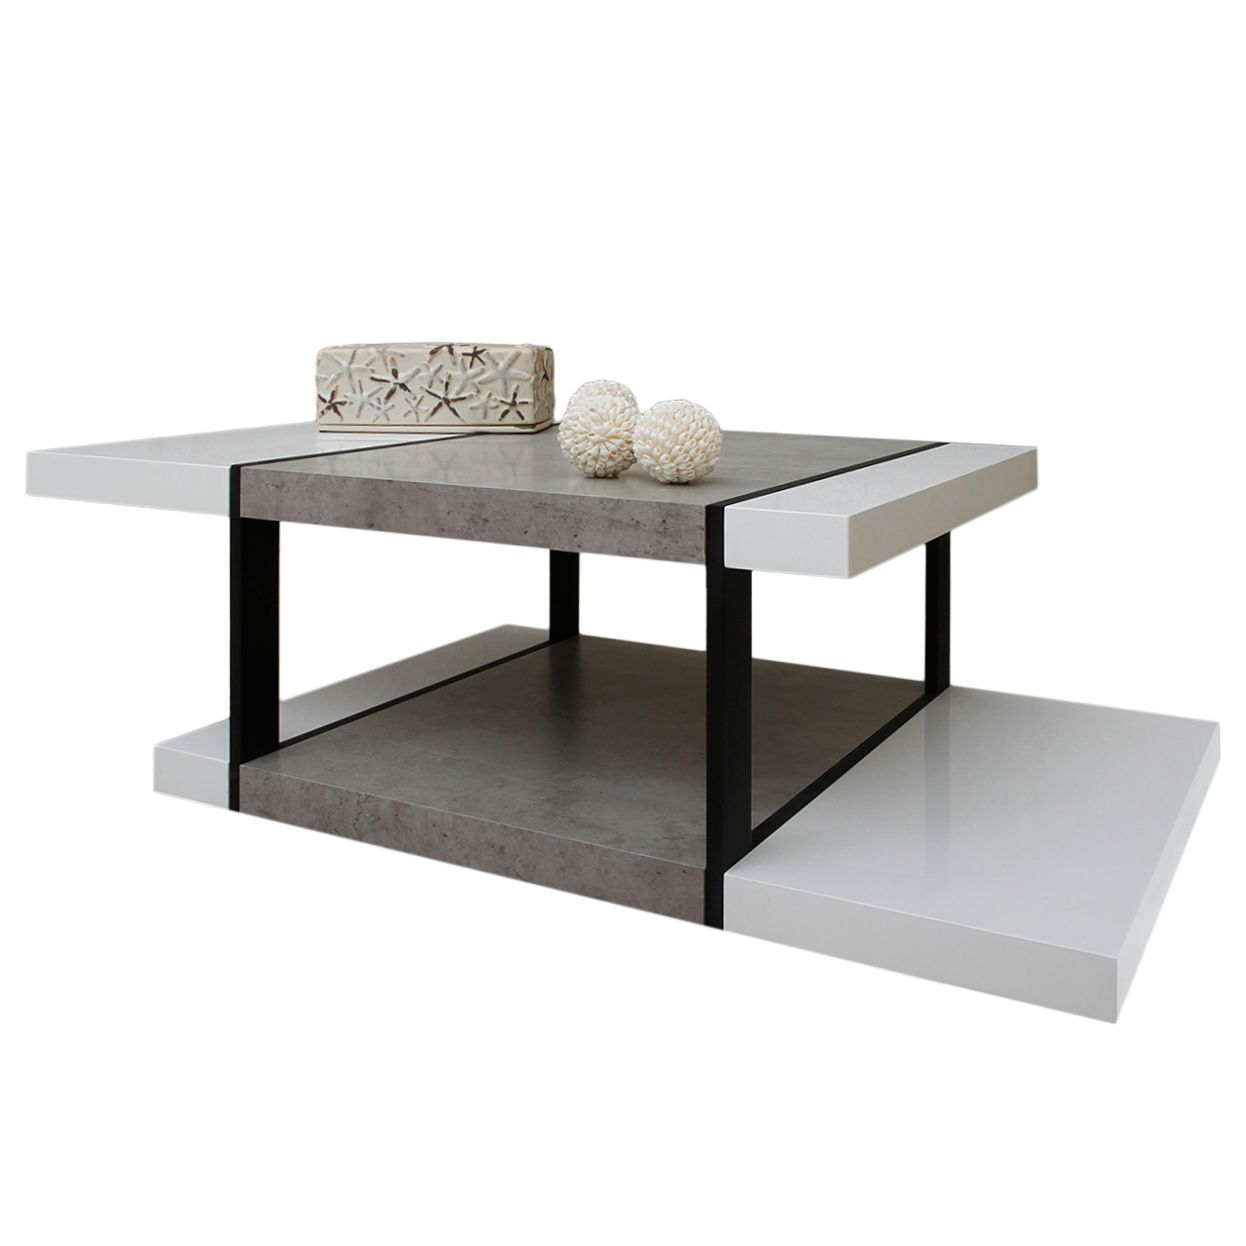 couchtisch wei hochglanz preisvergleich die besten. Black Bedroom Furniture Sets. Home Design Ideas